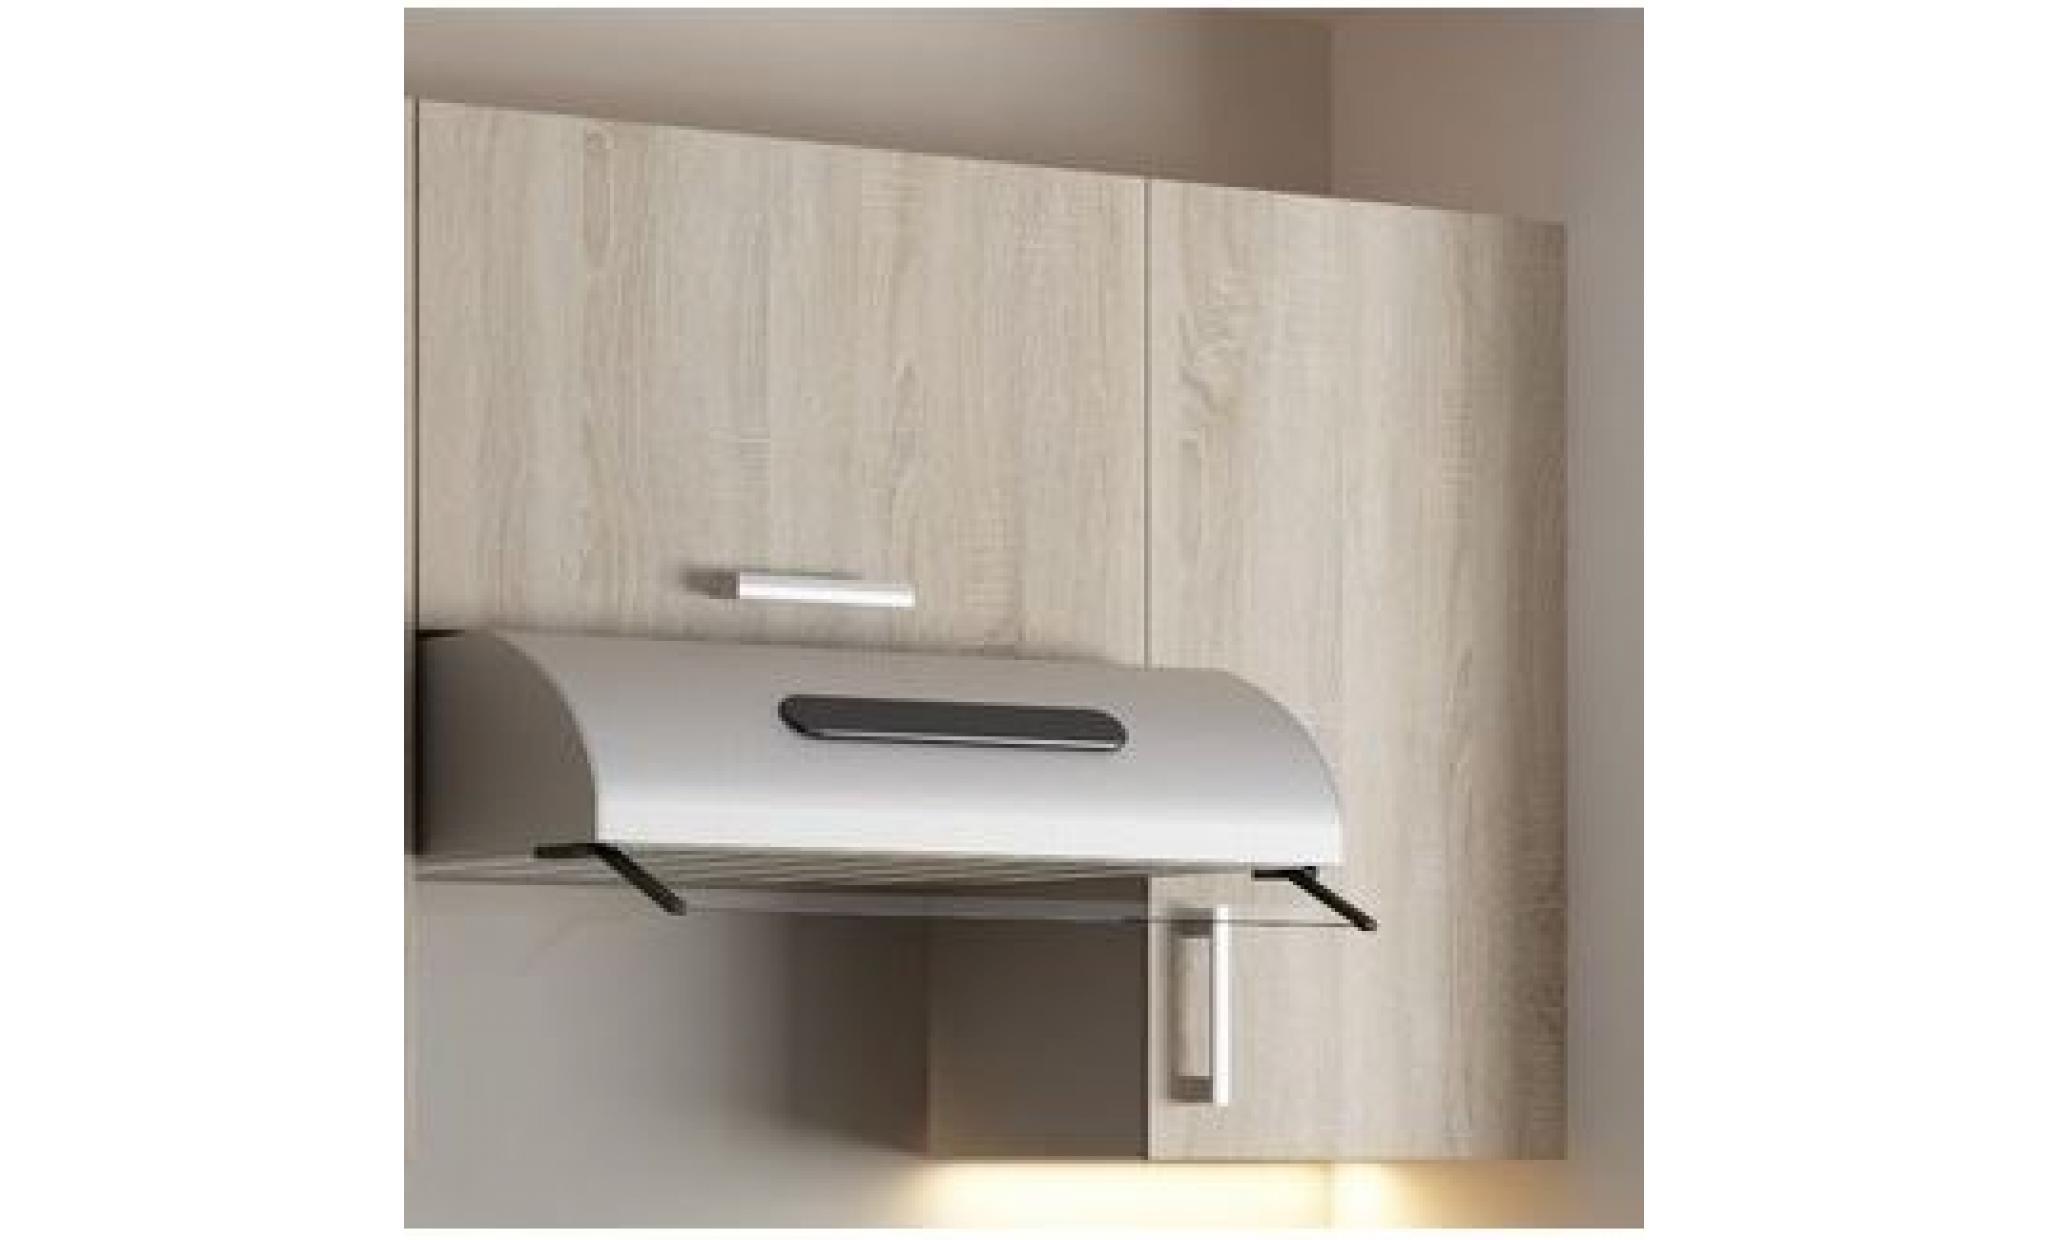 Cuisine compl te agate noyer 1m60 5 meubles achat vente for Cuisine complete design